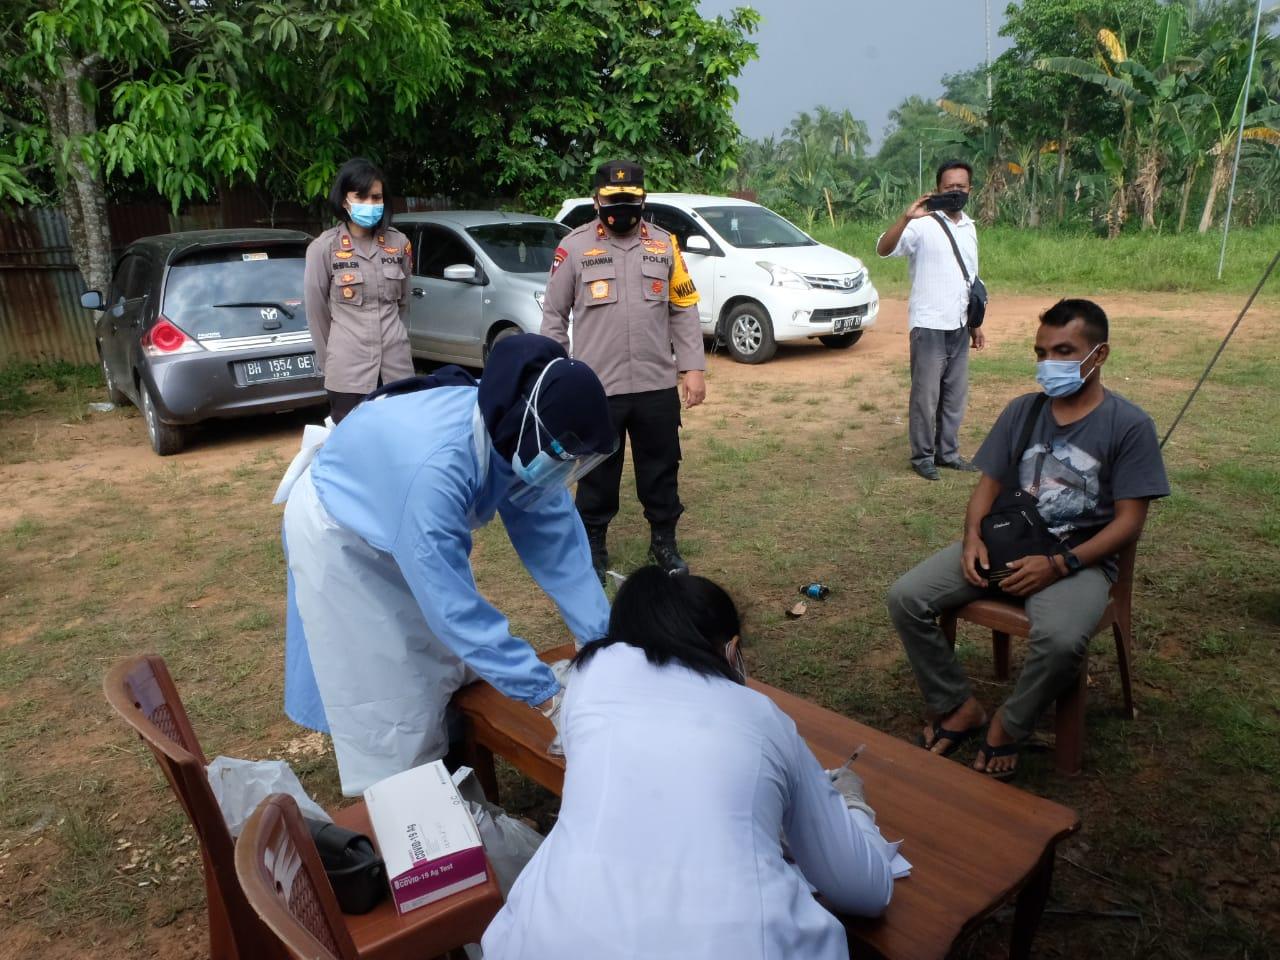 Wakapolda Jambi Kunjungi Pos Pemeriksaan Batas Jambi - Palembang